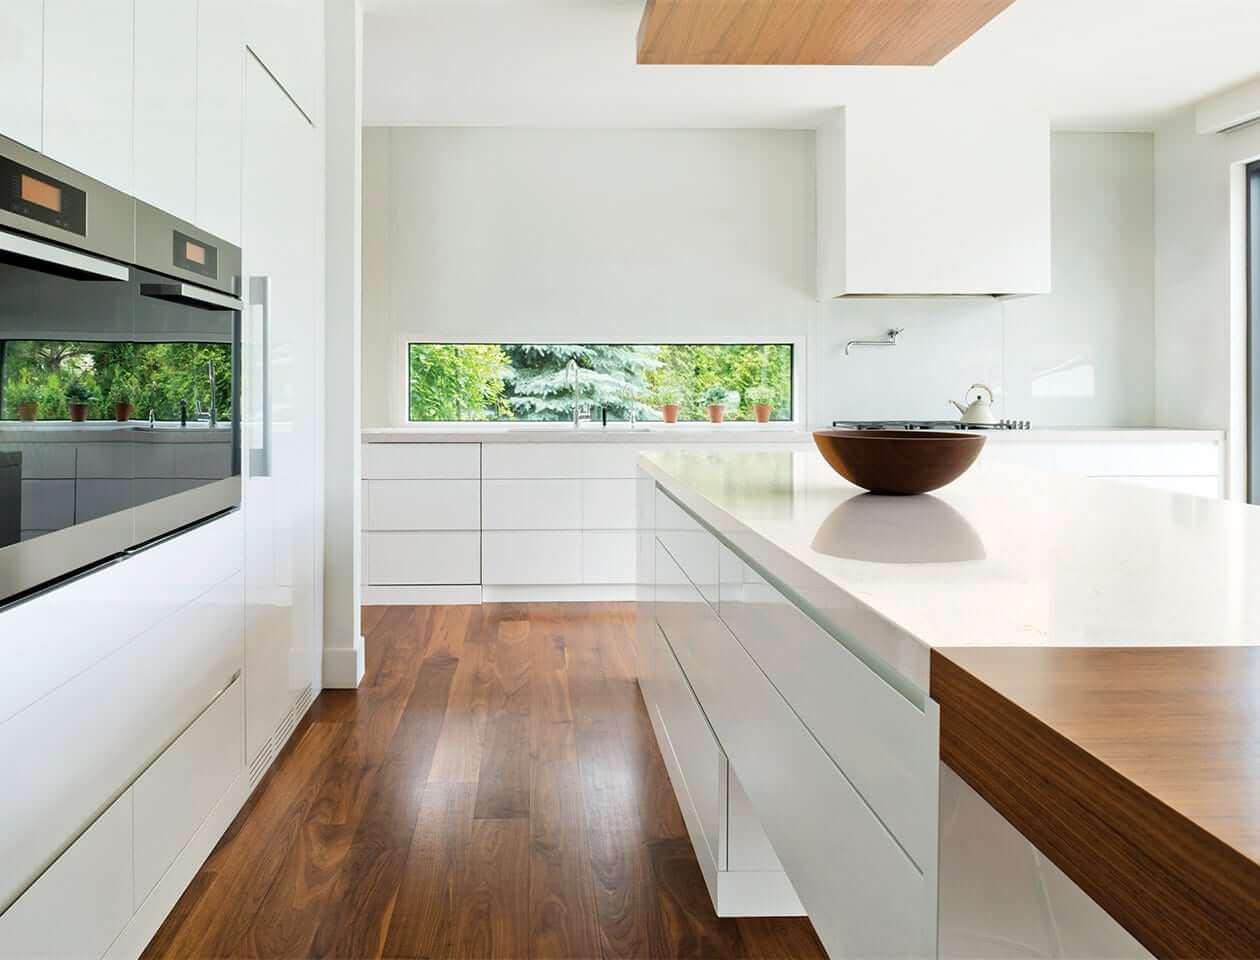 Cambria Kitchen Countertops : Dovedale cambria quartz international granite stone